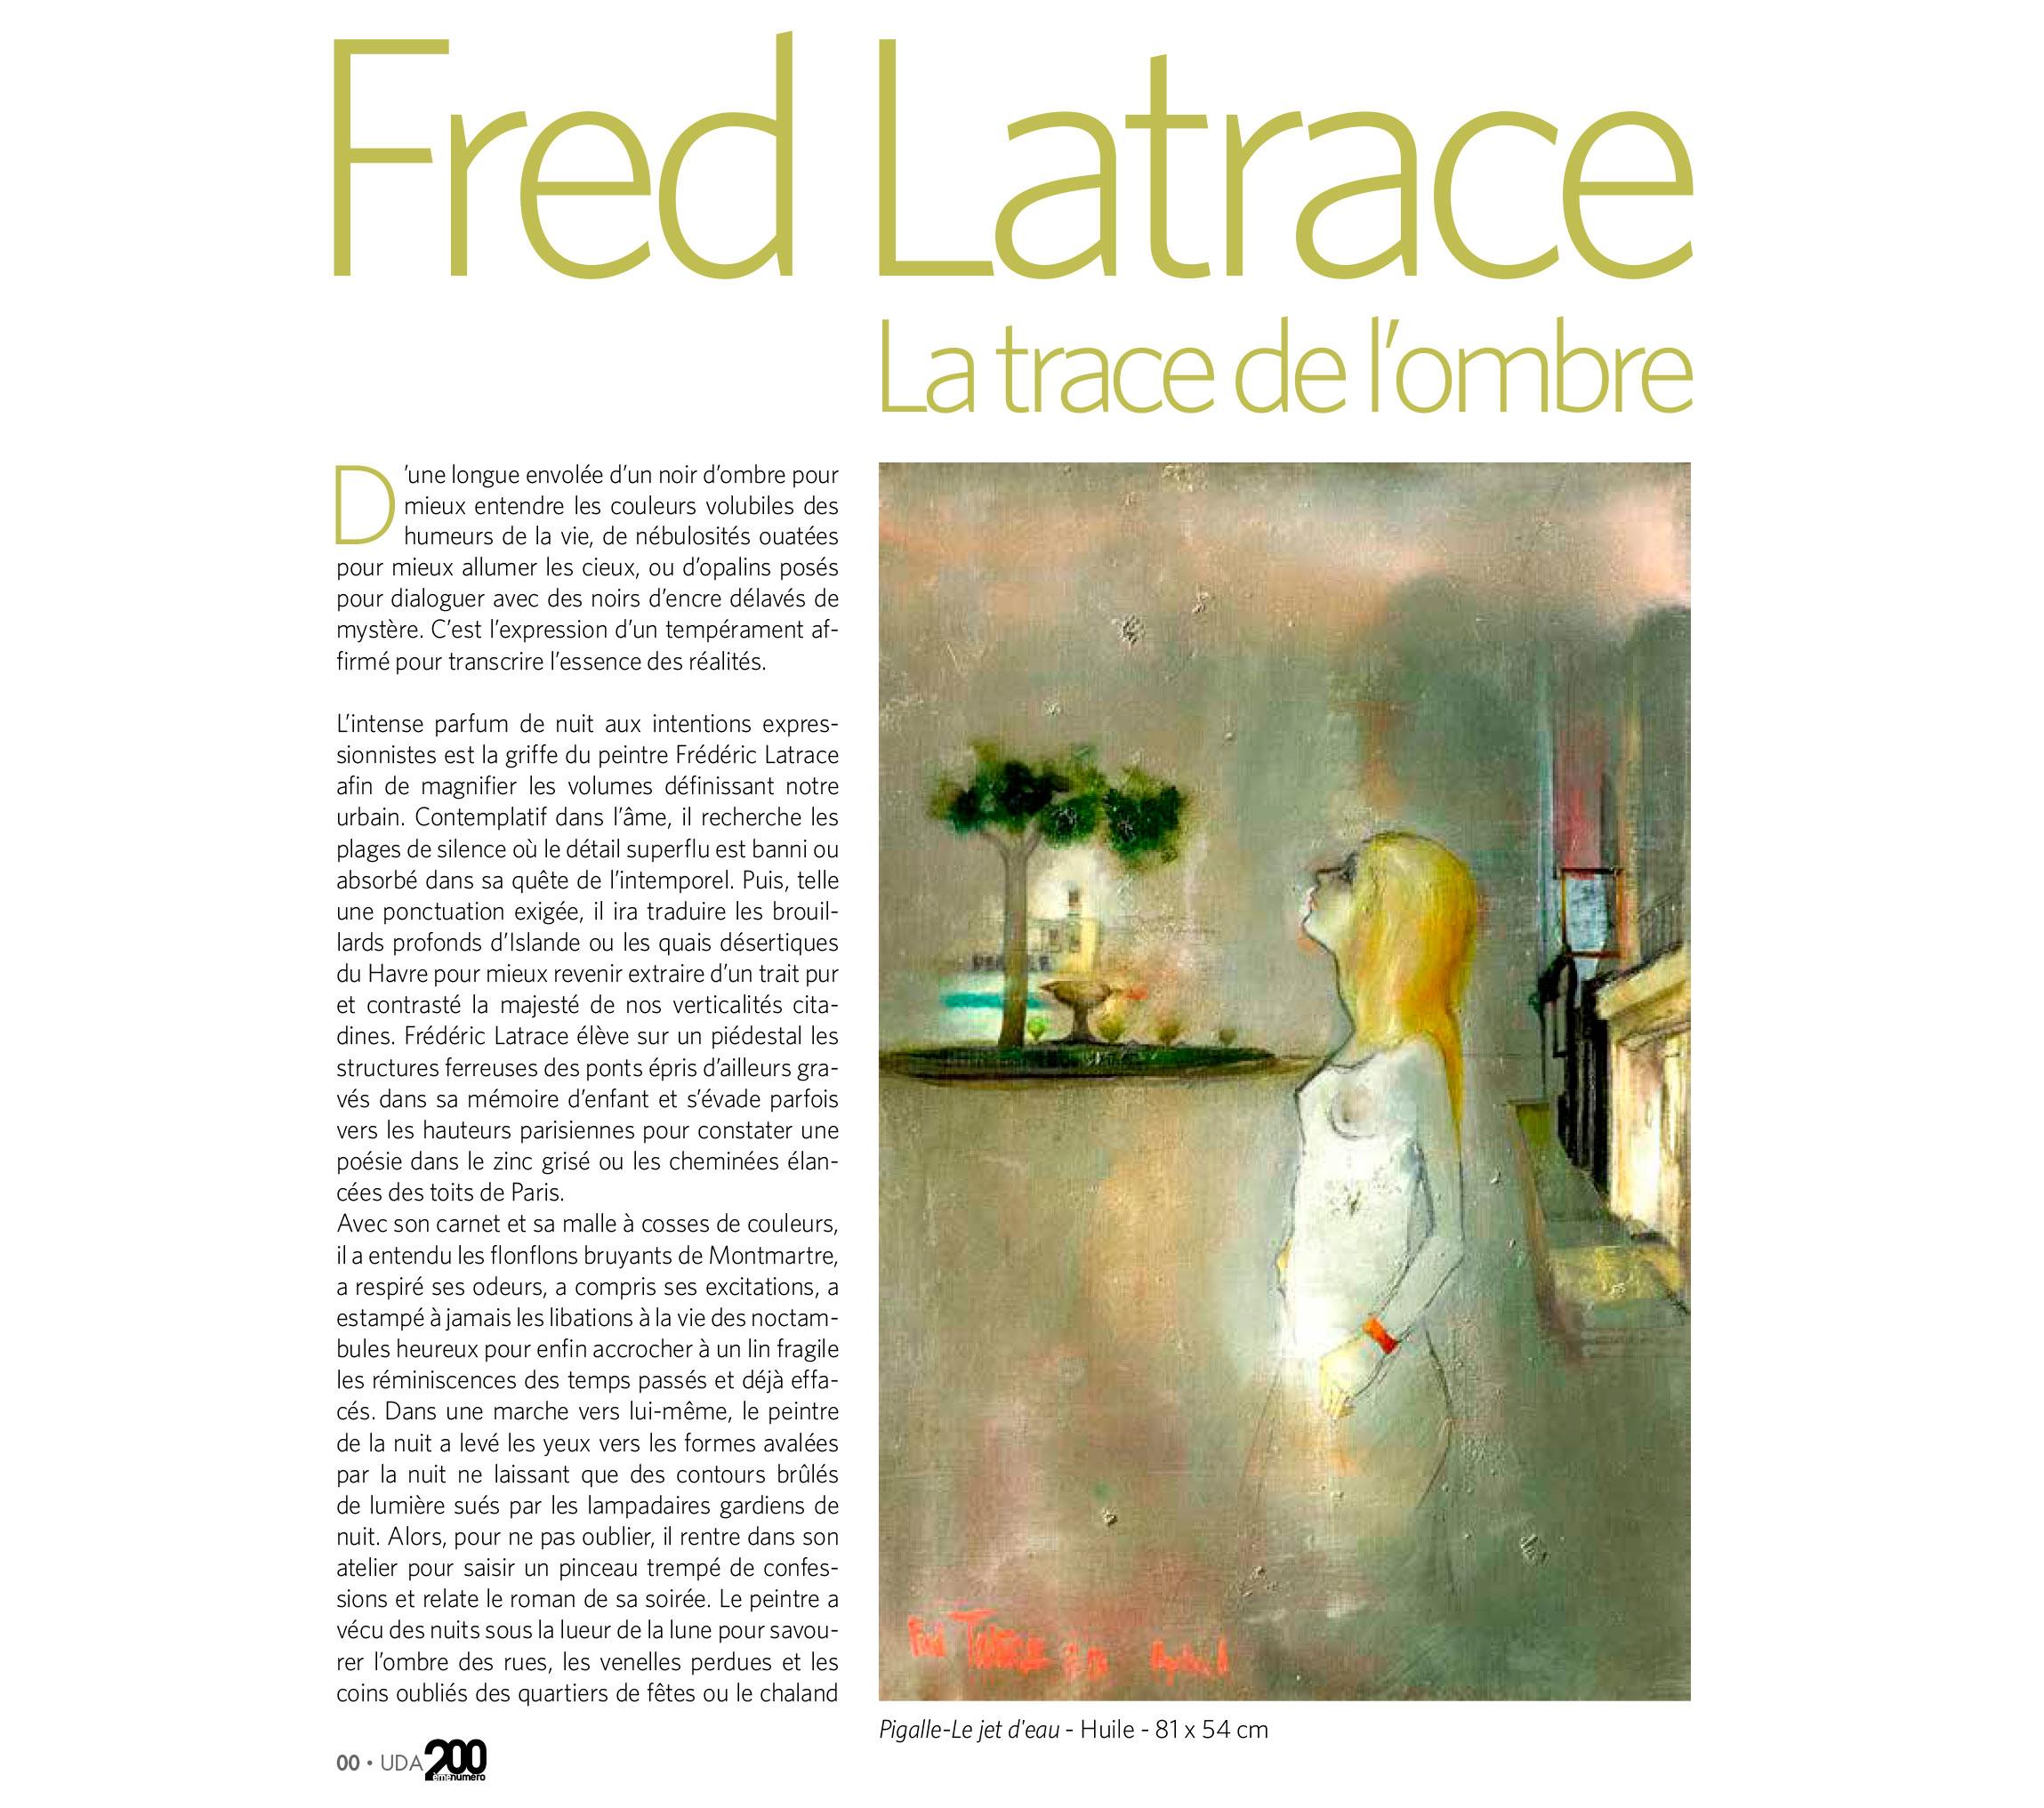 Article d'Univers des Arts - Octobre 2020 sur le peintre français Frédéric Latrace